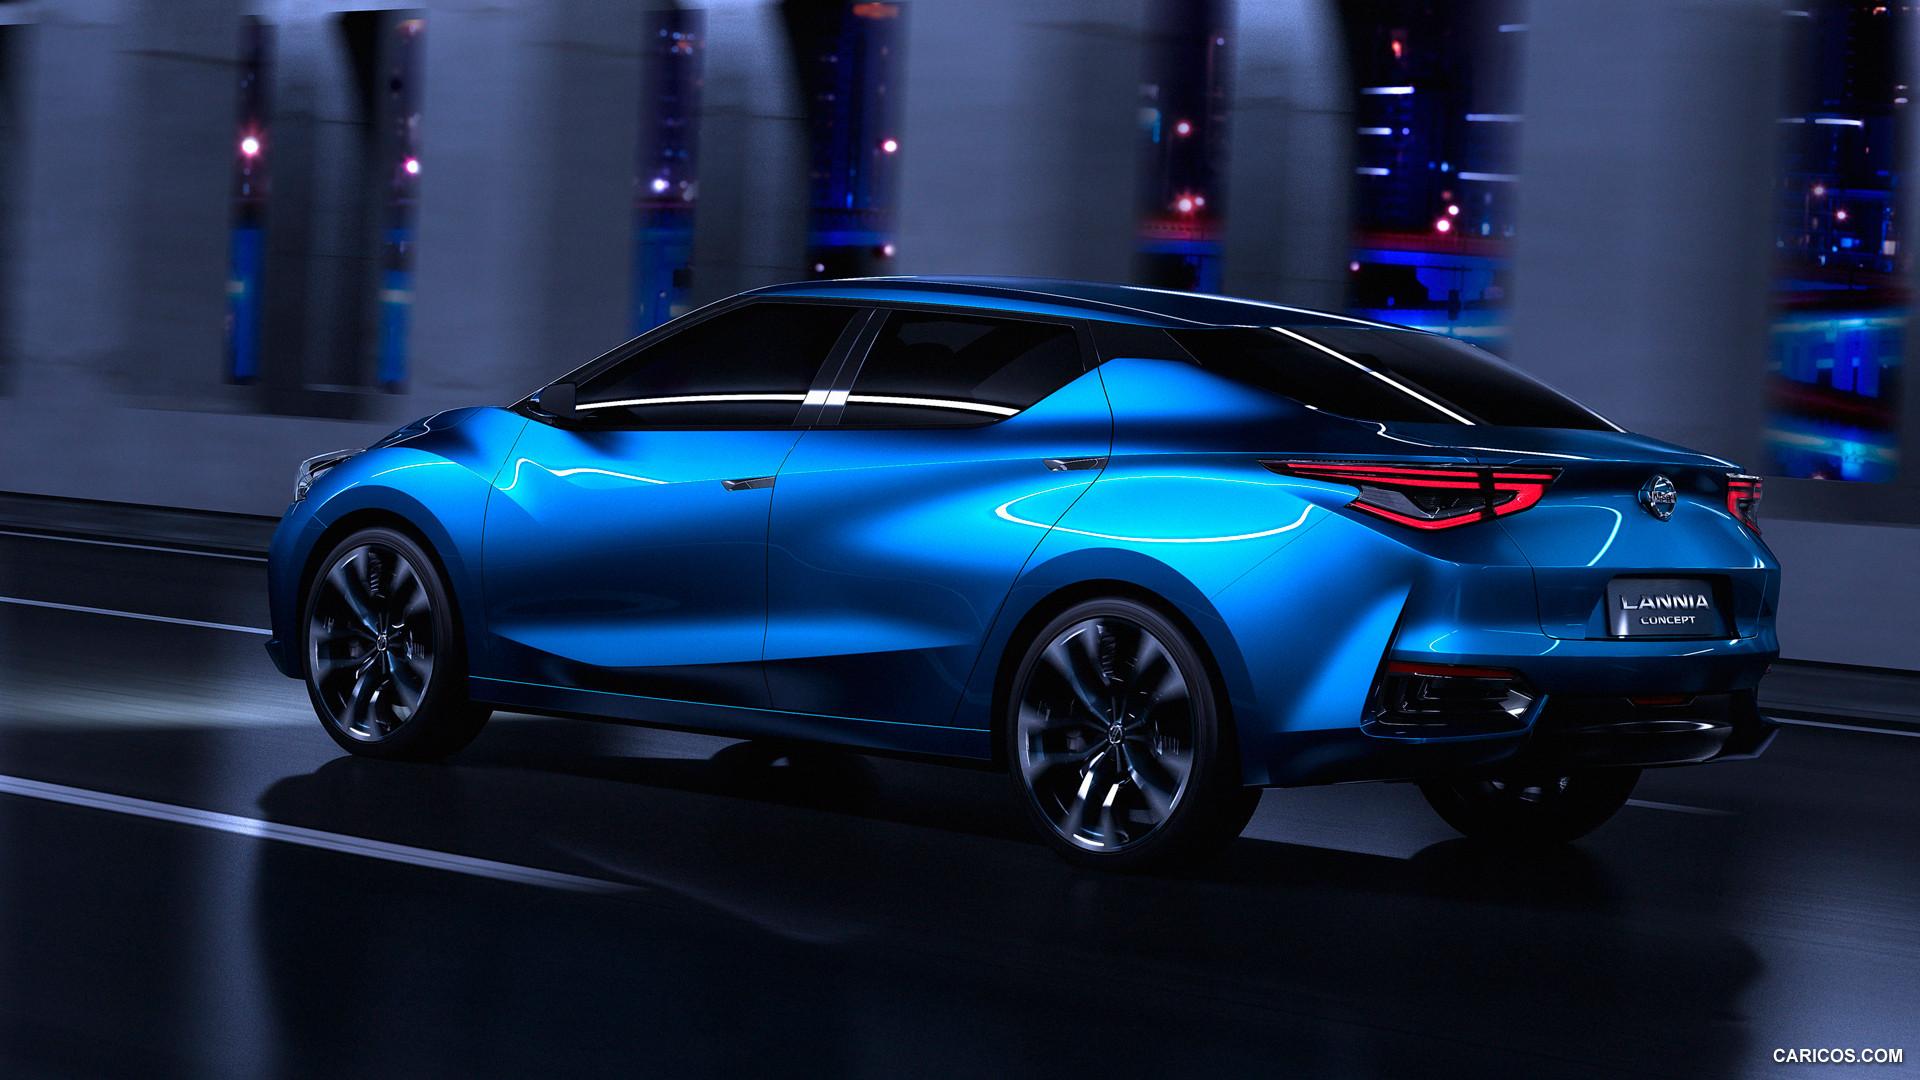 High Resolution Wallpaper   2014 Nissan Lannia Concept 1920x1080 px